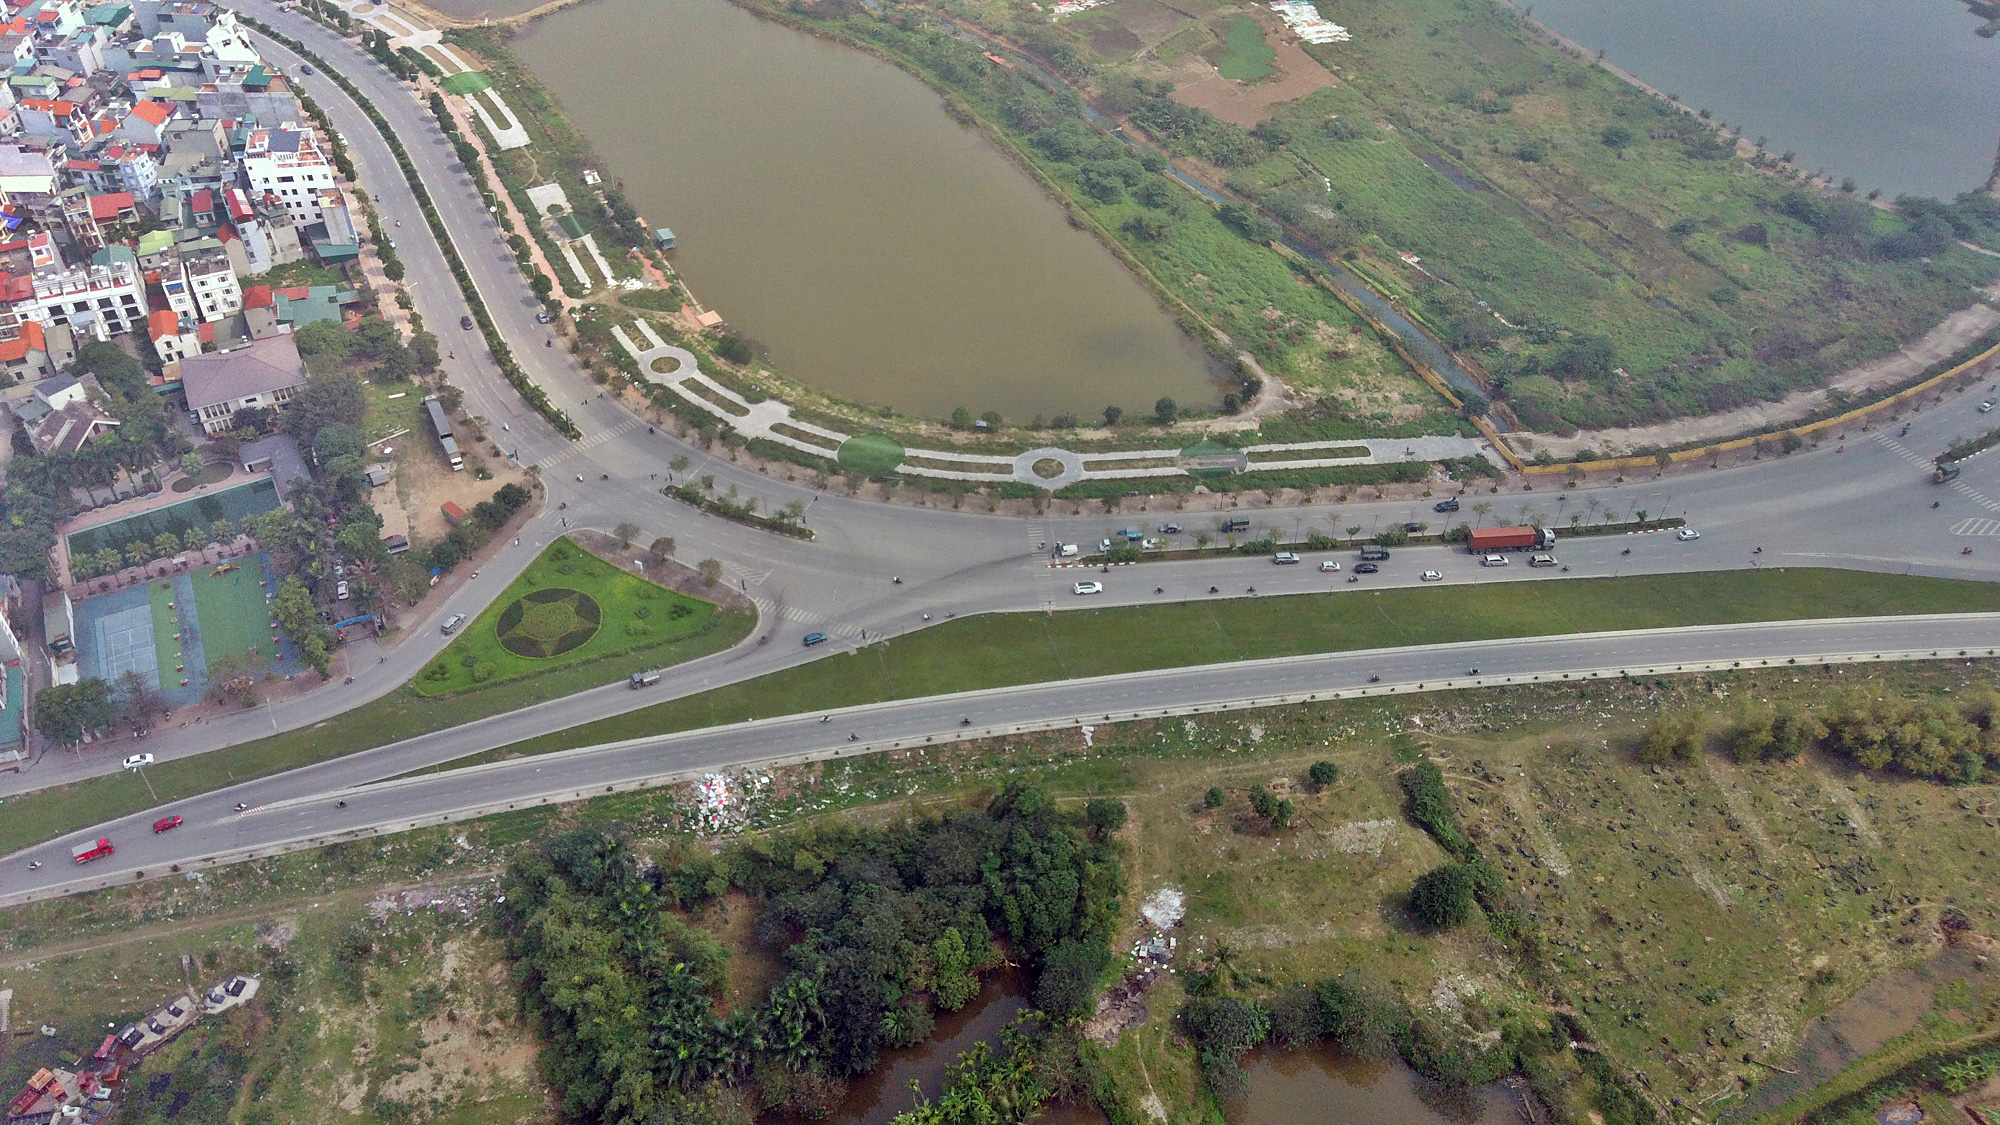 Cầu sẽ mở theo qui hoạch ở Hà Nội: Toàn cảnh cầu/hầm Trần Hưng Đạo nối quận Hoàn Kiếm - Long Biên - Ảnh 8.